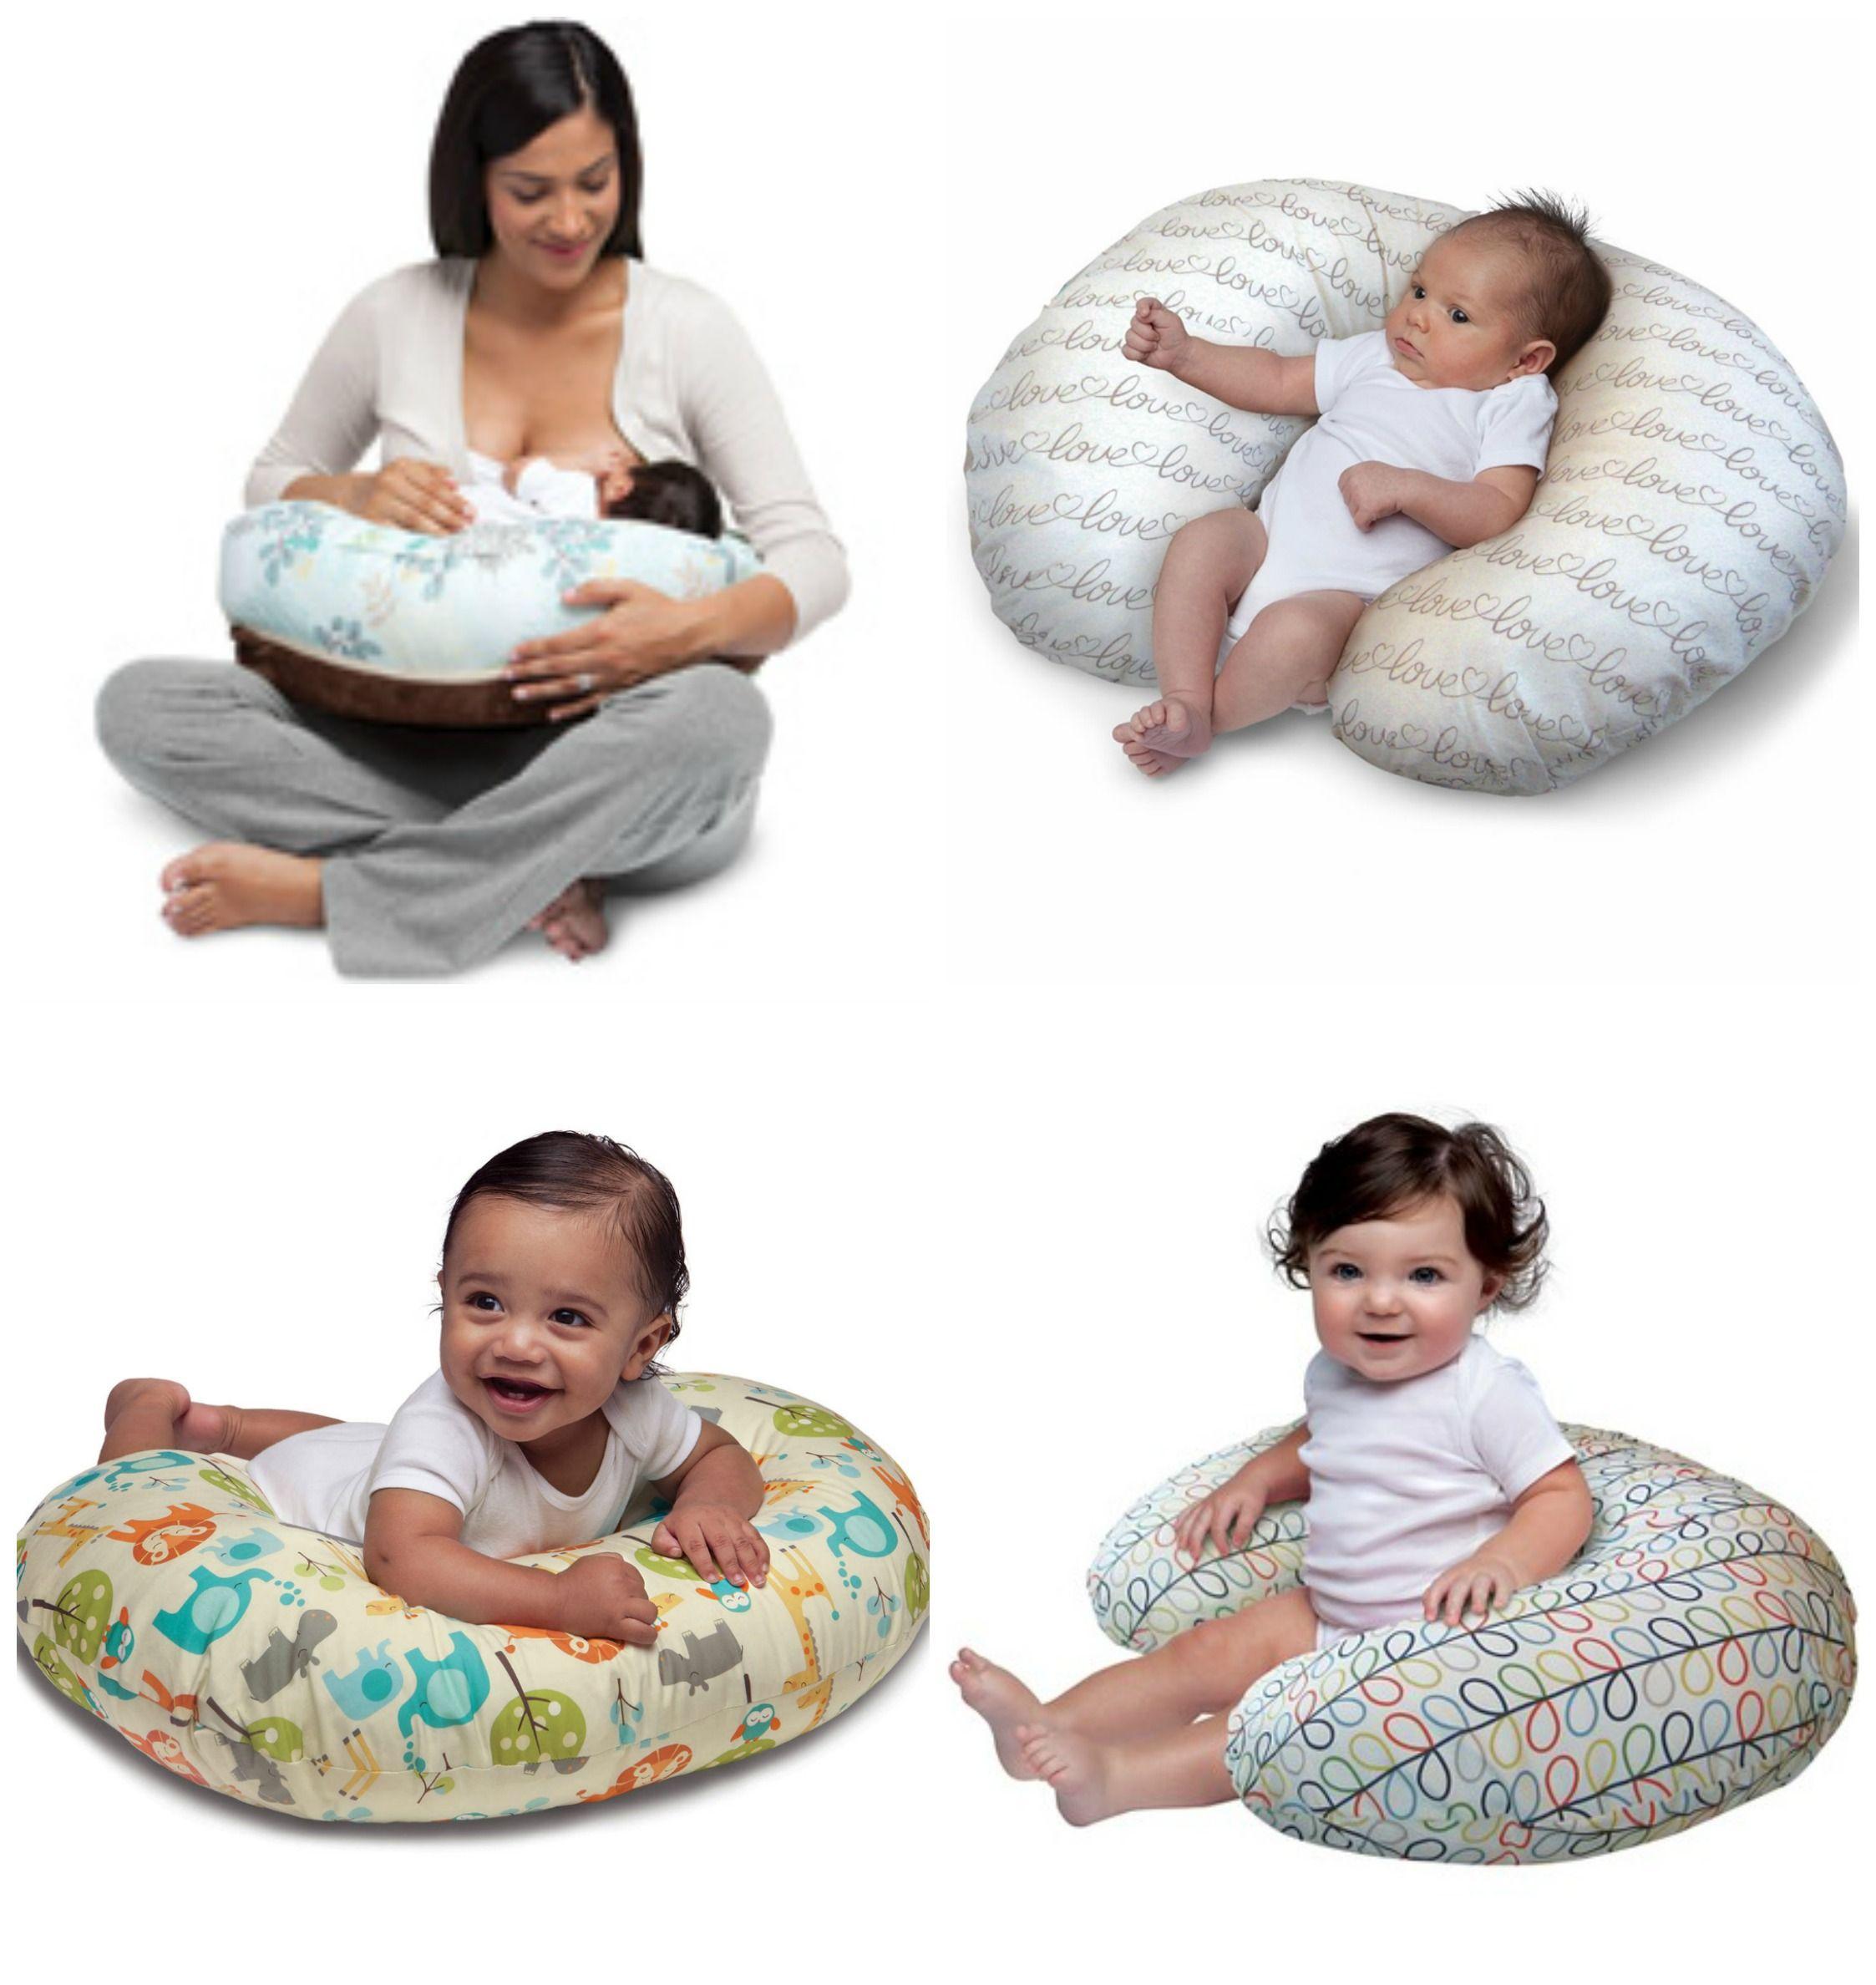 boppy feeding infant support pillow